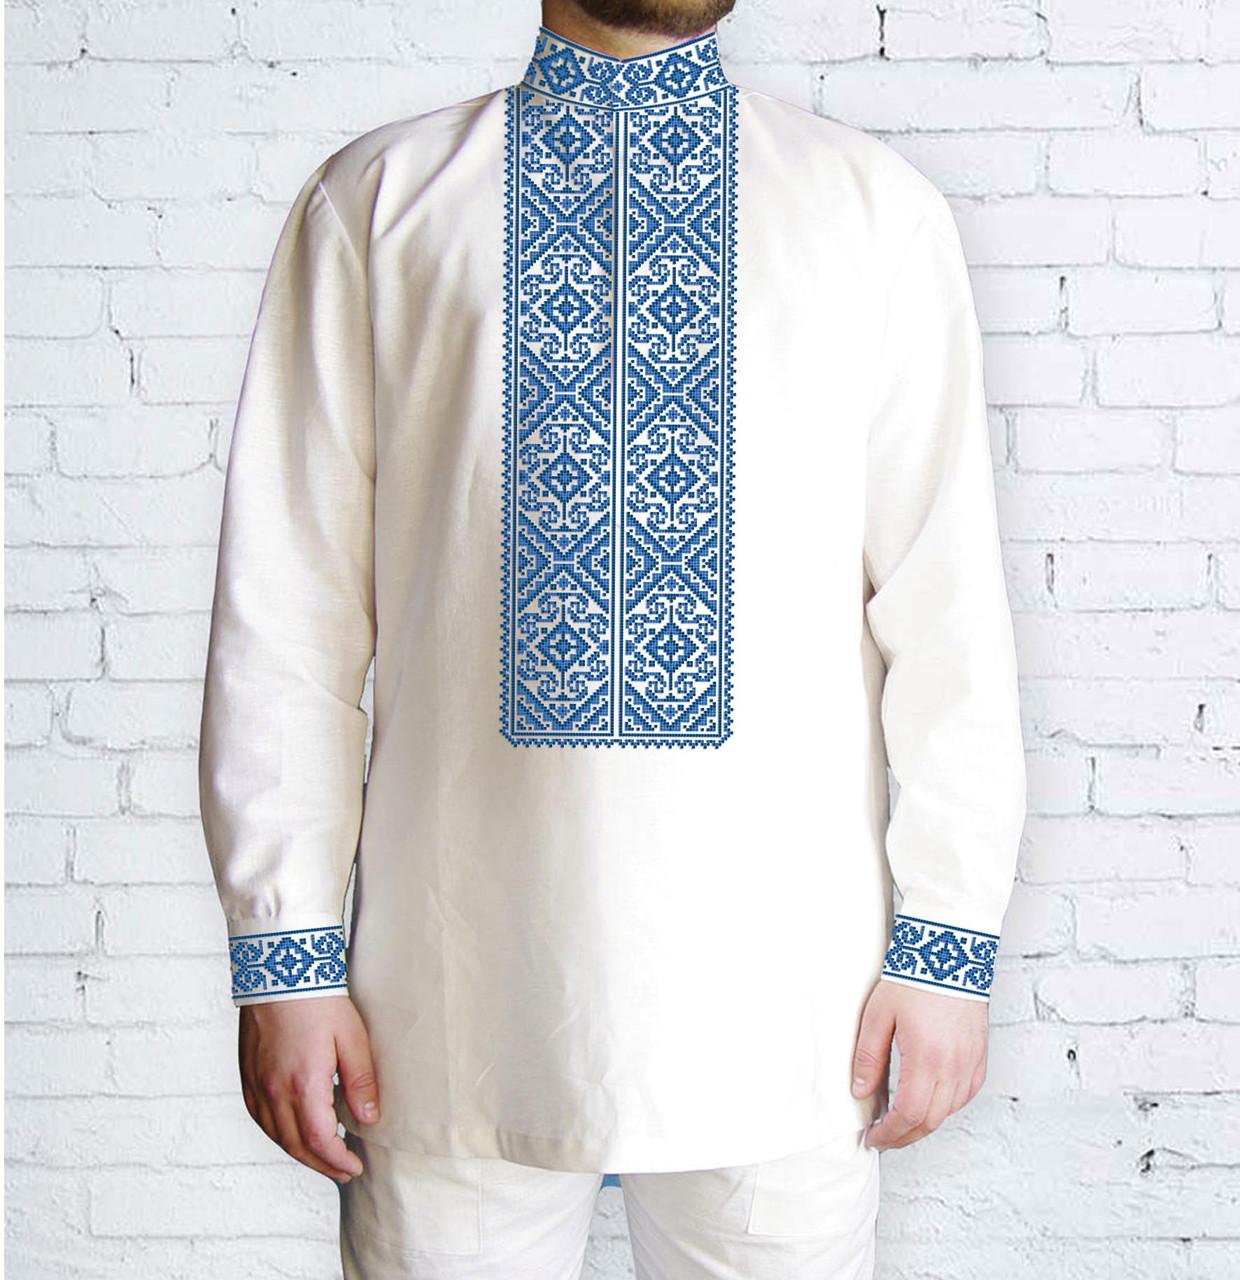 Заготовка чоловічої сорочки та вишиванки для вишивки чи вишивання бісером Бисерок «Орнамент 522 Г» (Ч-522 Г)